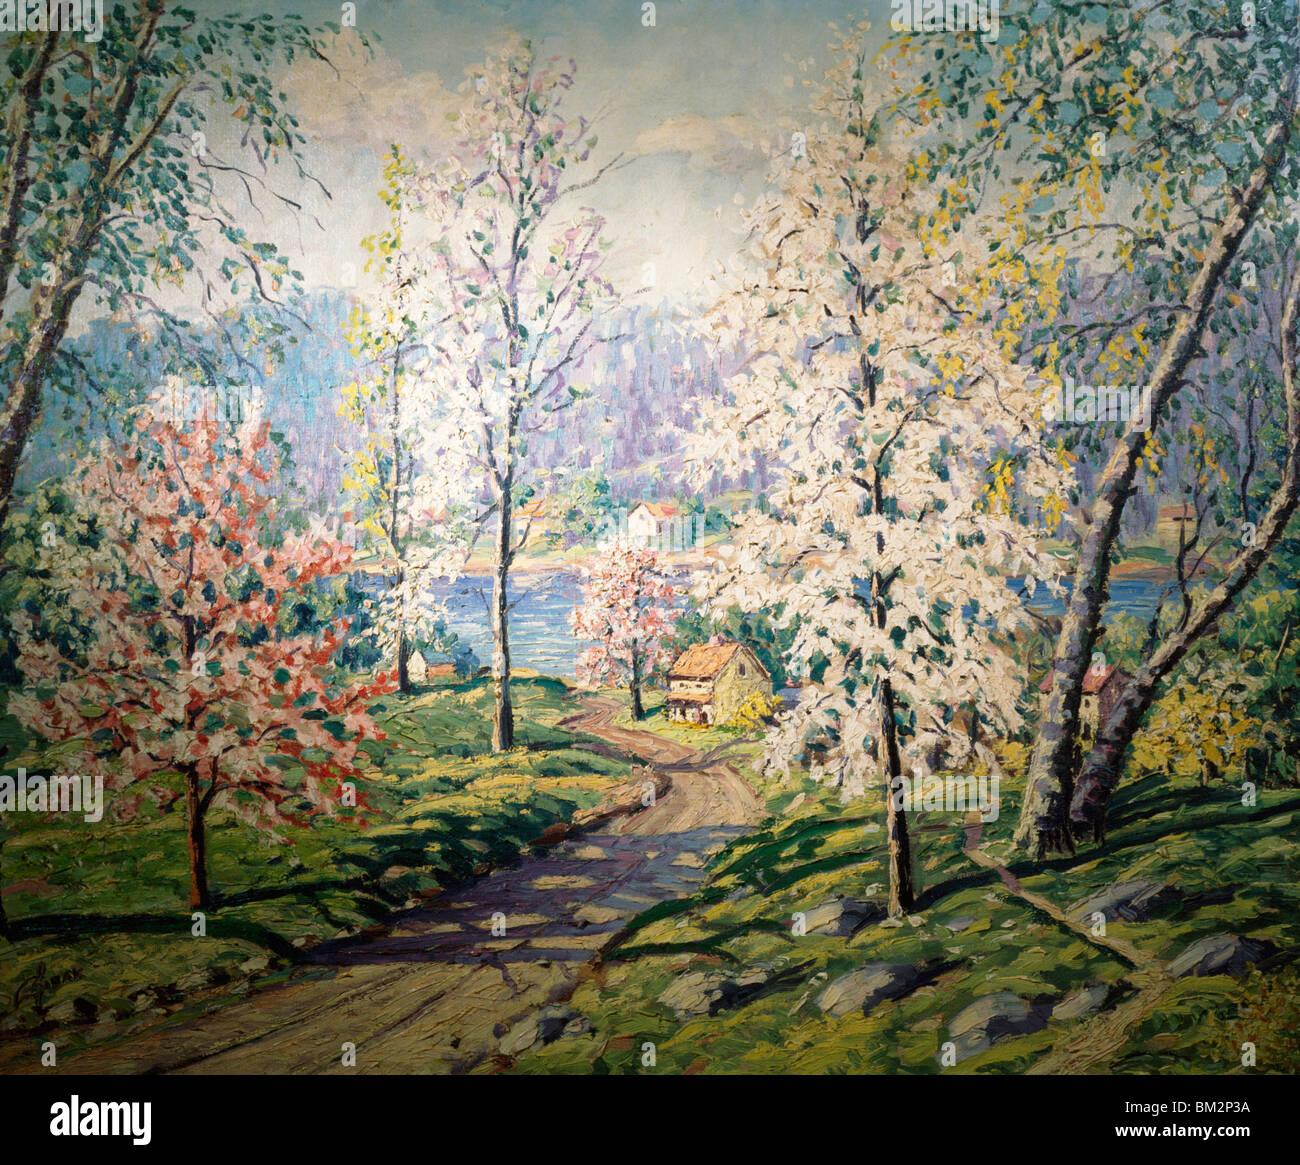 La molla lungo il Delaware da Carol Sirak, olio su tela, (1906-1976), USA, Pennsylvania, Philadelphia, David Gallery Immagini Stock